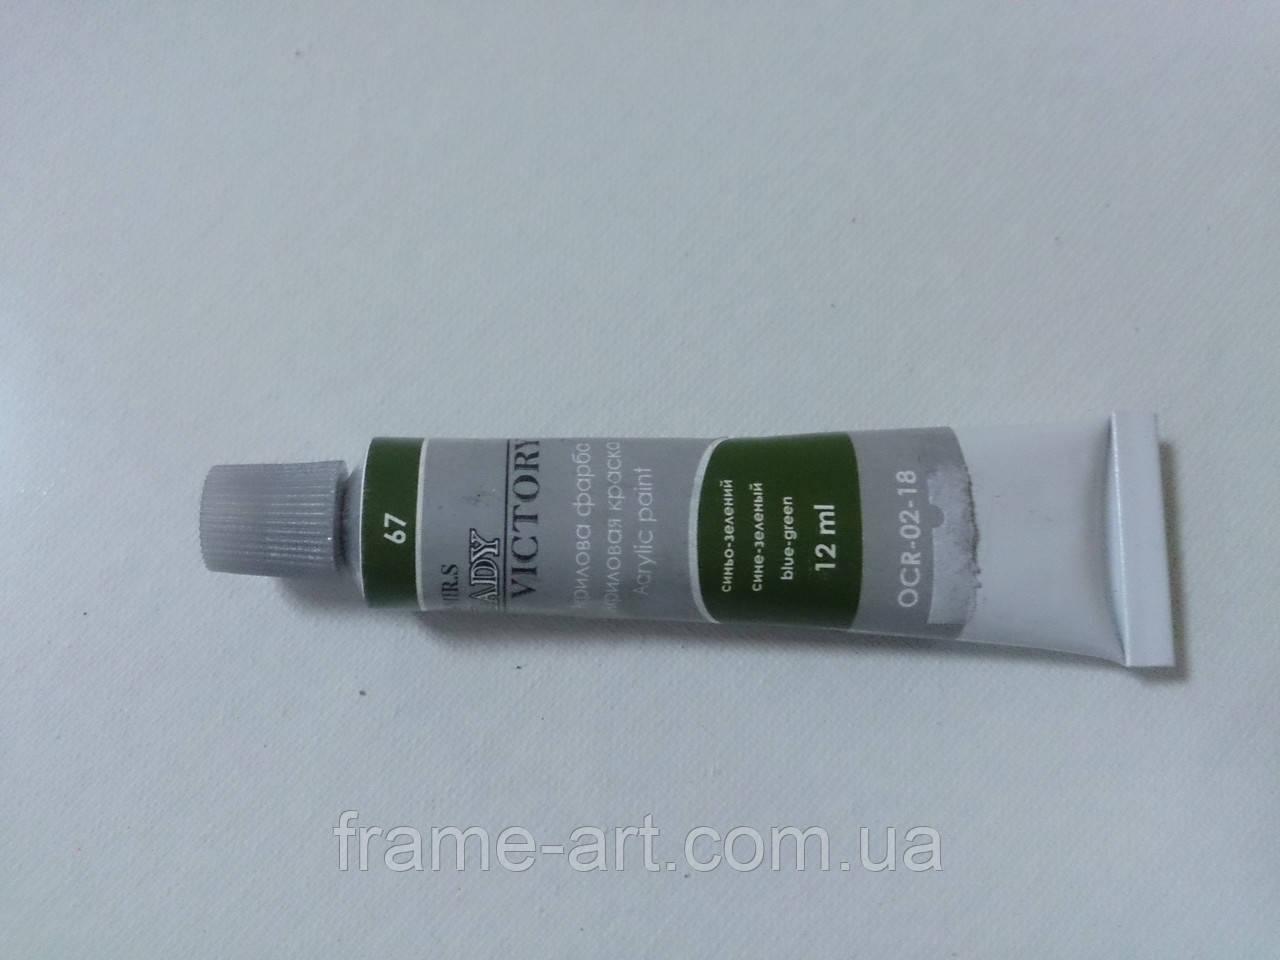 Акриловая краска на масляной основе 12мл сине-зеленая